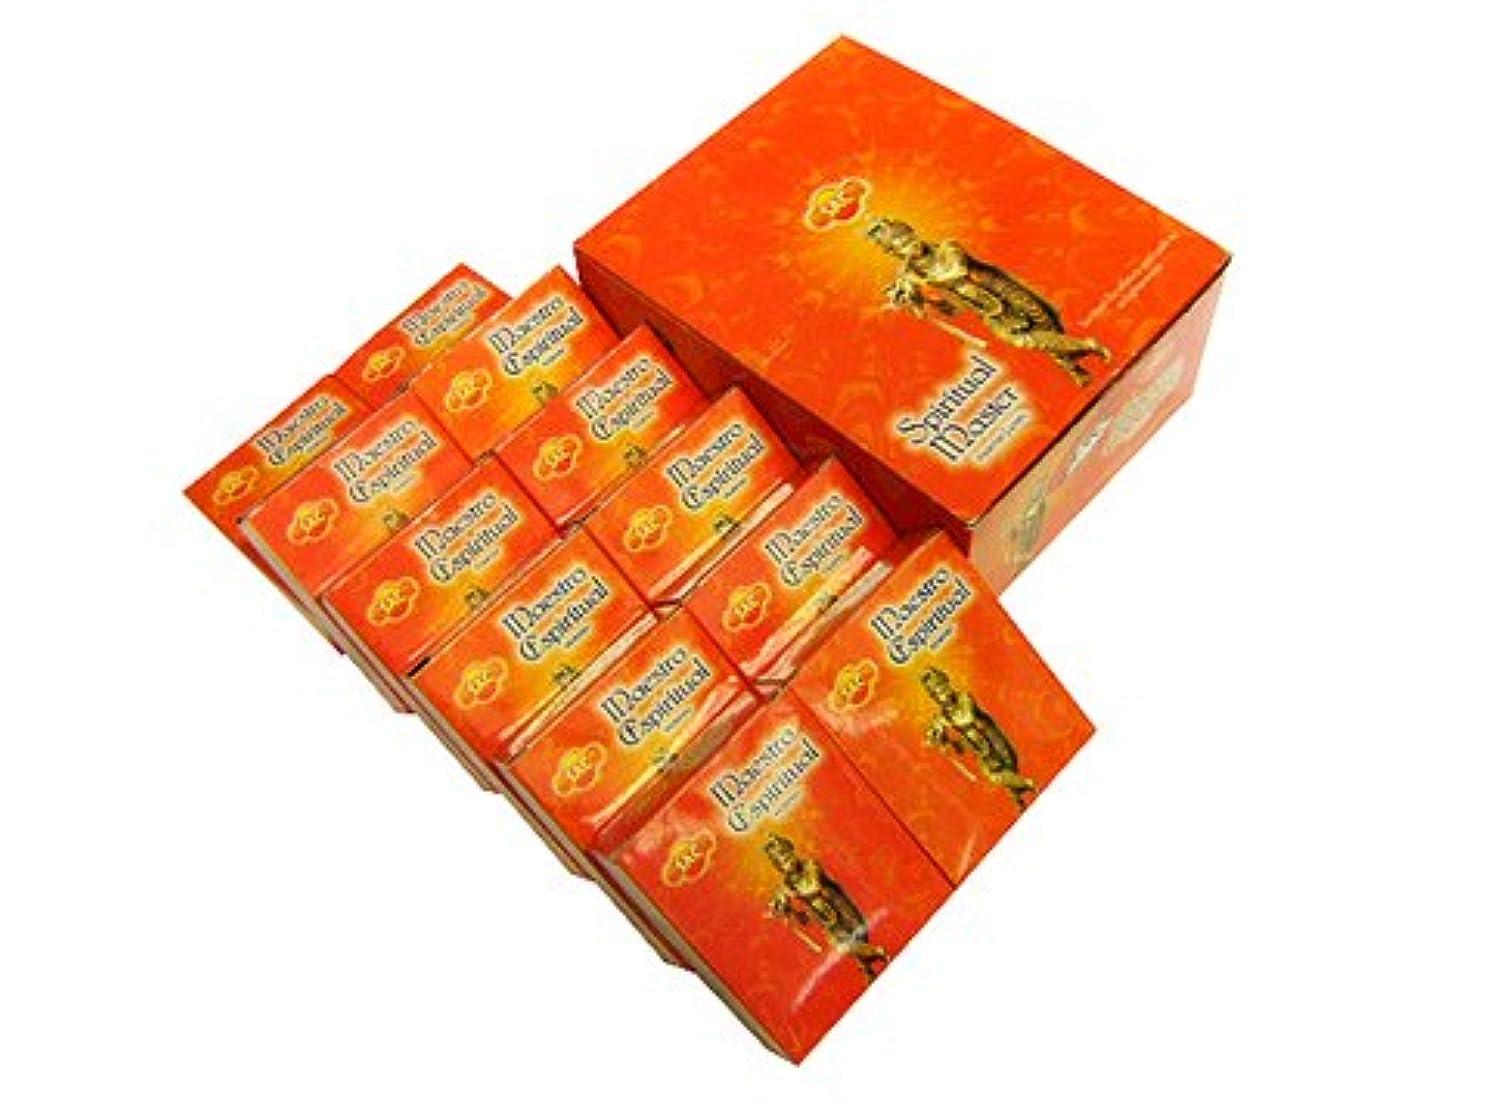 十分ではない財政論争の的SANDESH SAC (サンデッシュ) スピリチュアルマスター香コーンタイプ SPIRITUAL MASTER CORN 12箱セット